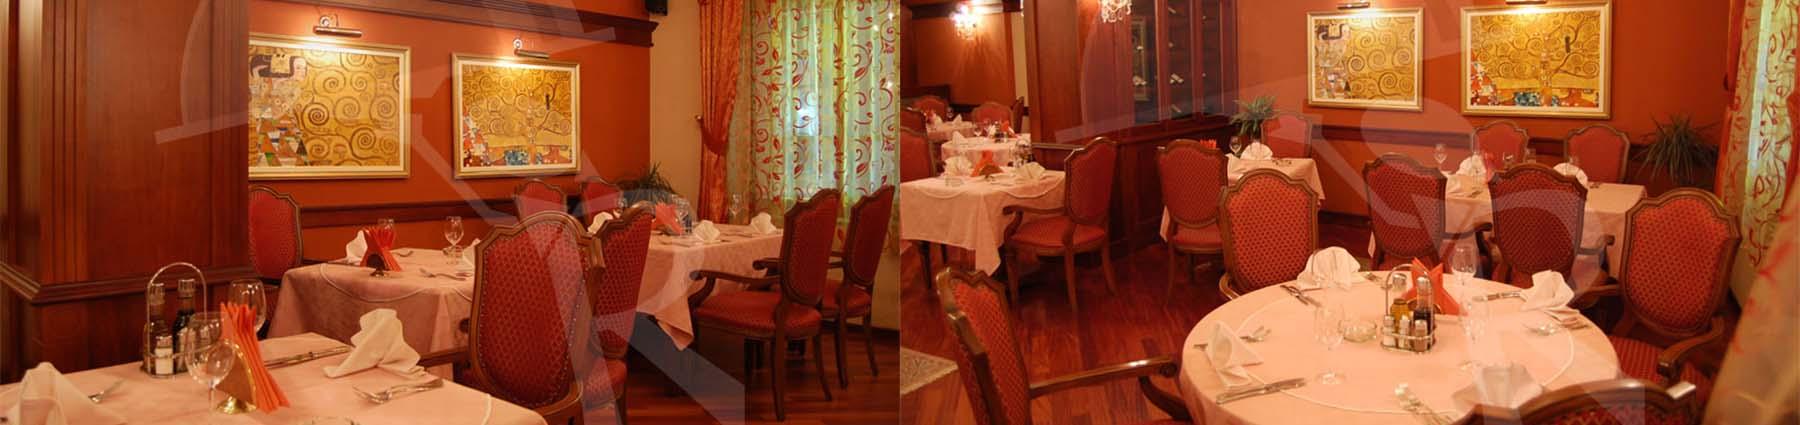 Ресторан Милениум